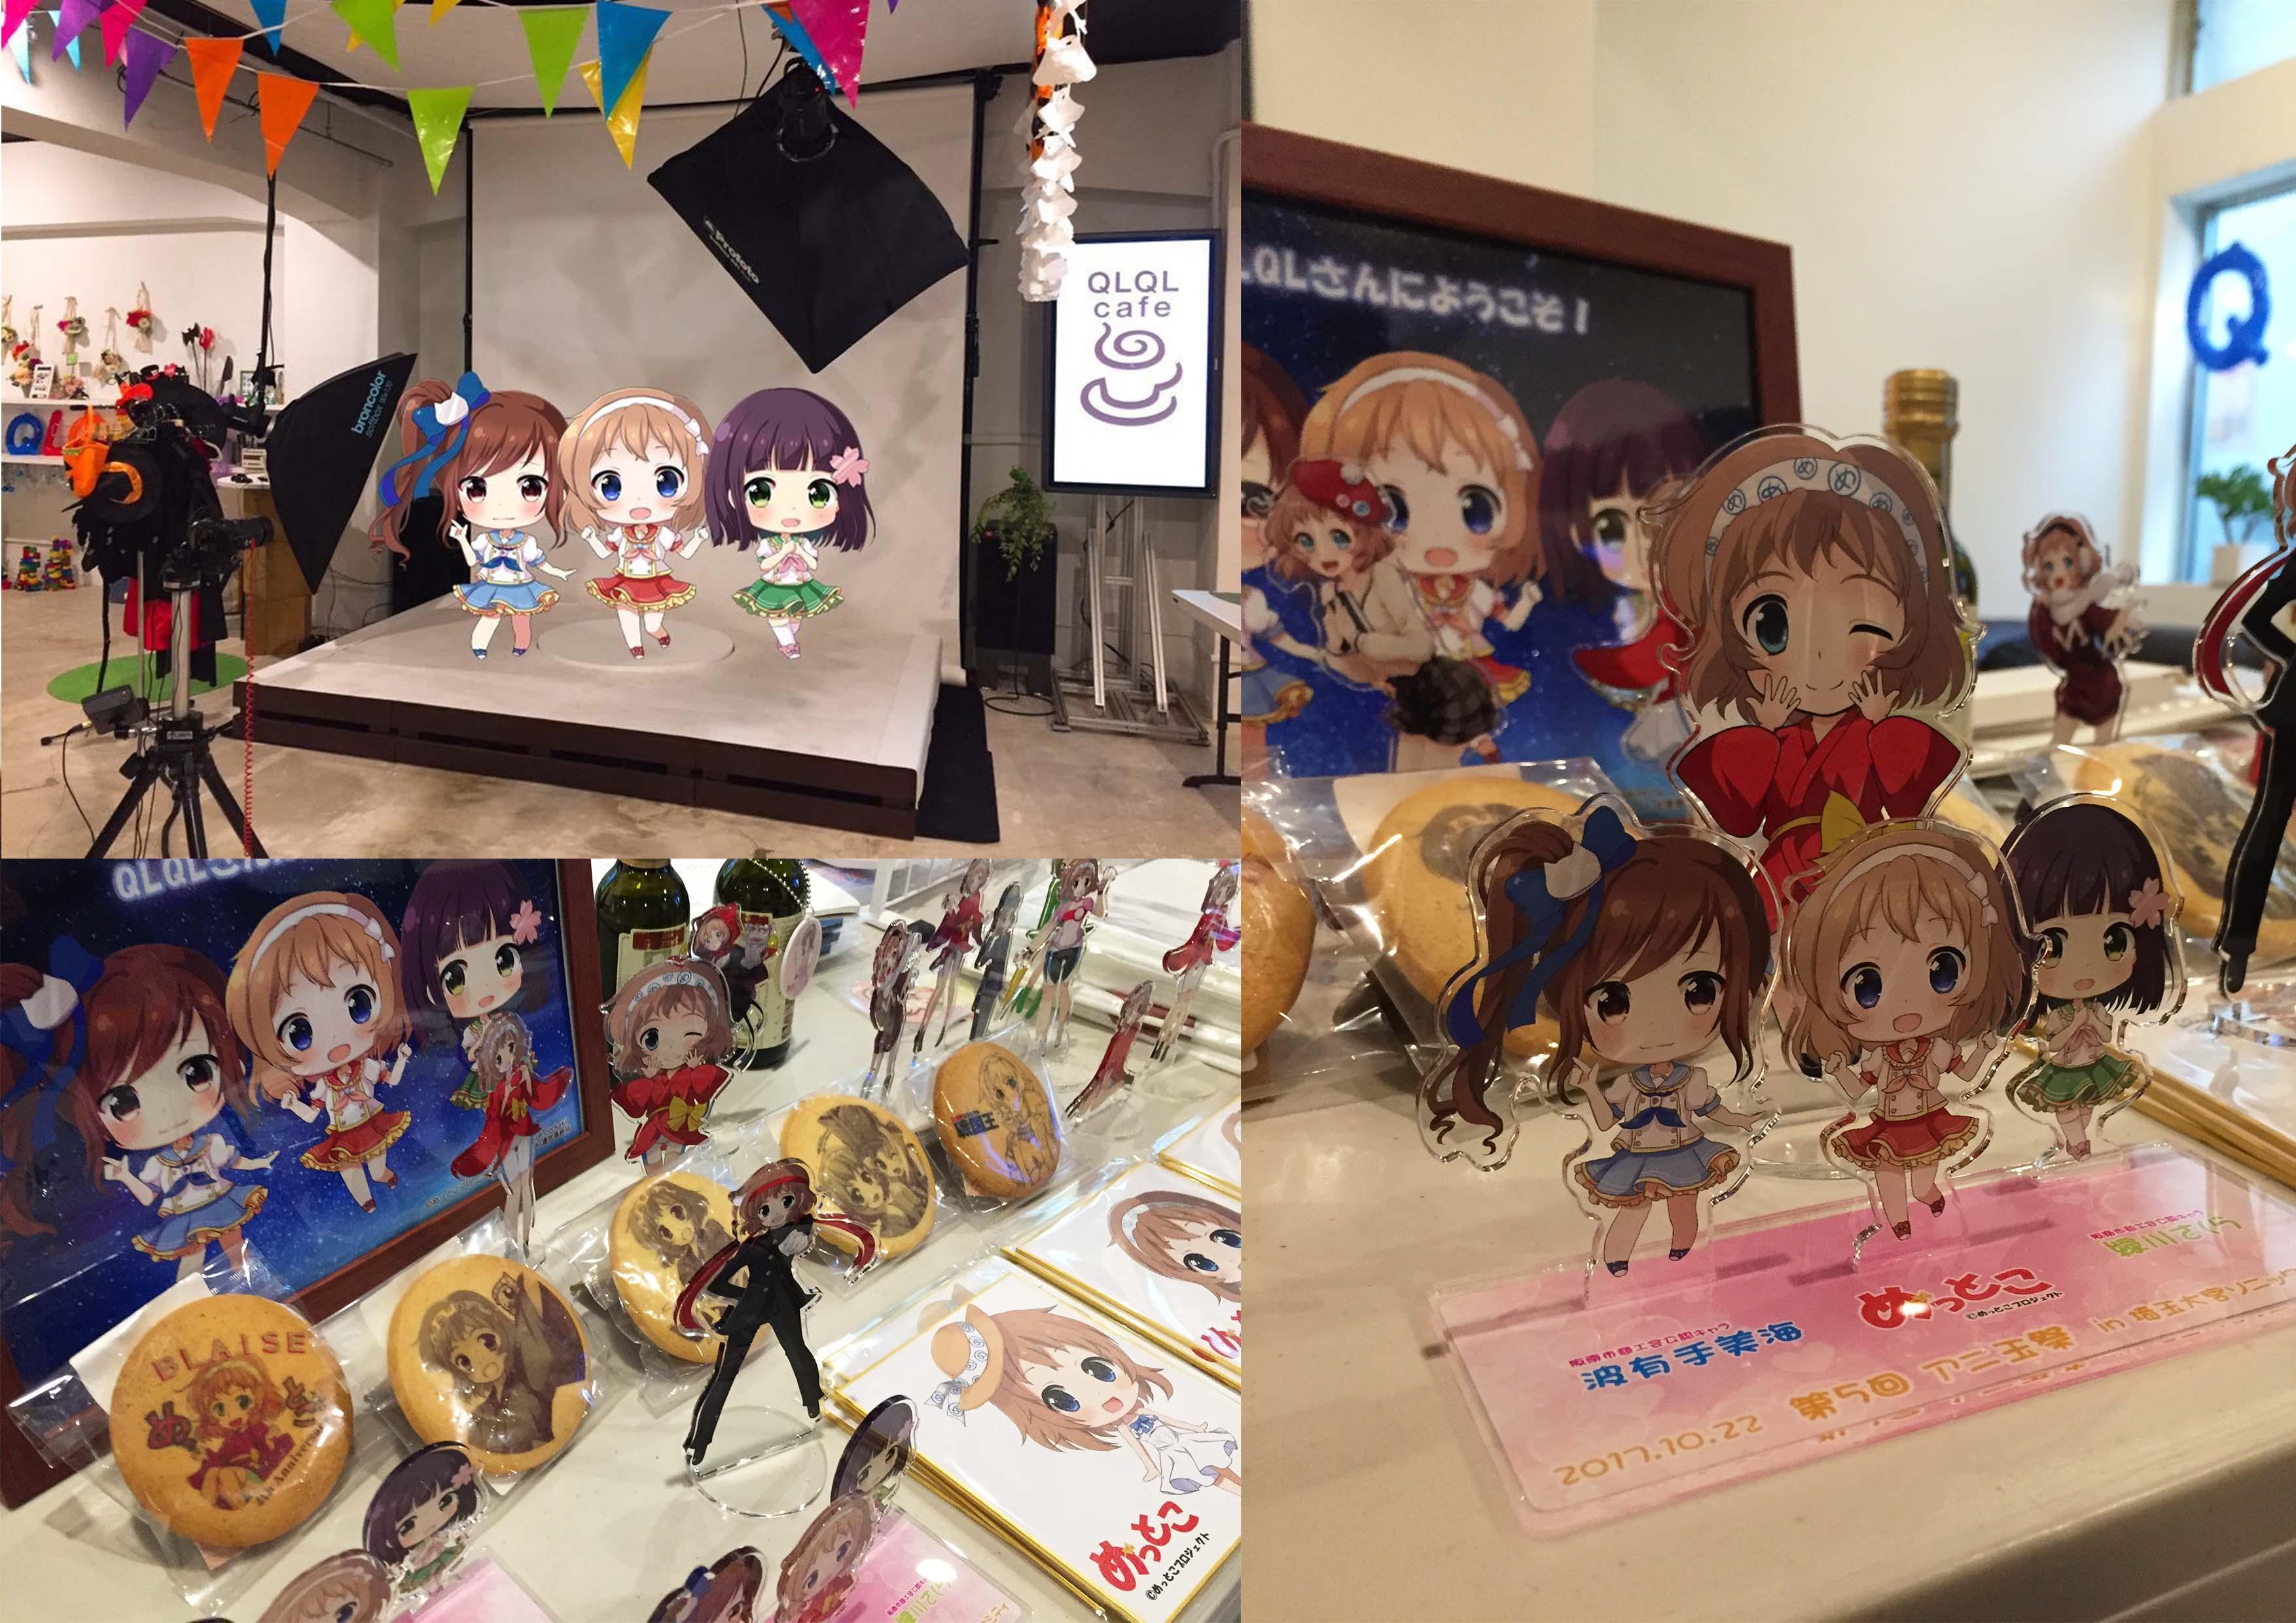 めっとこ、QLQLcafe 阪南市商工会公認キャラクター美海&さくらさんと